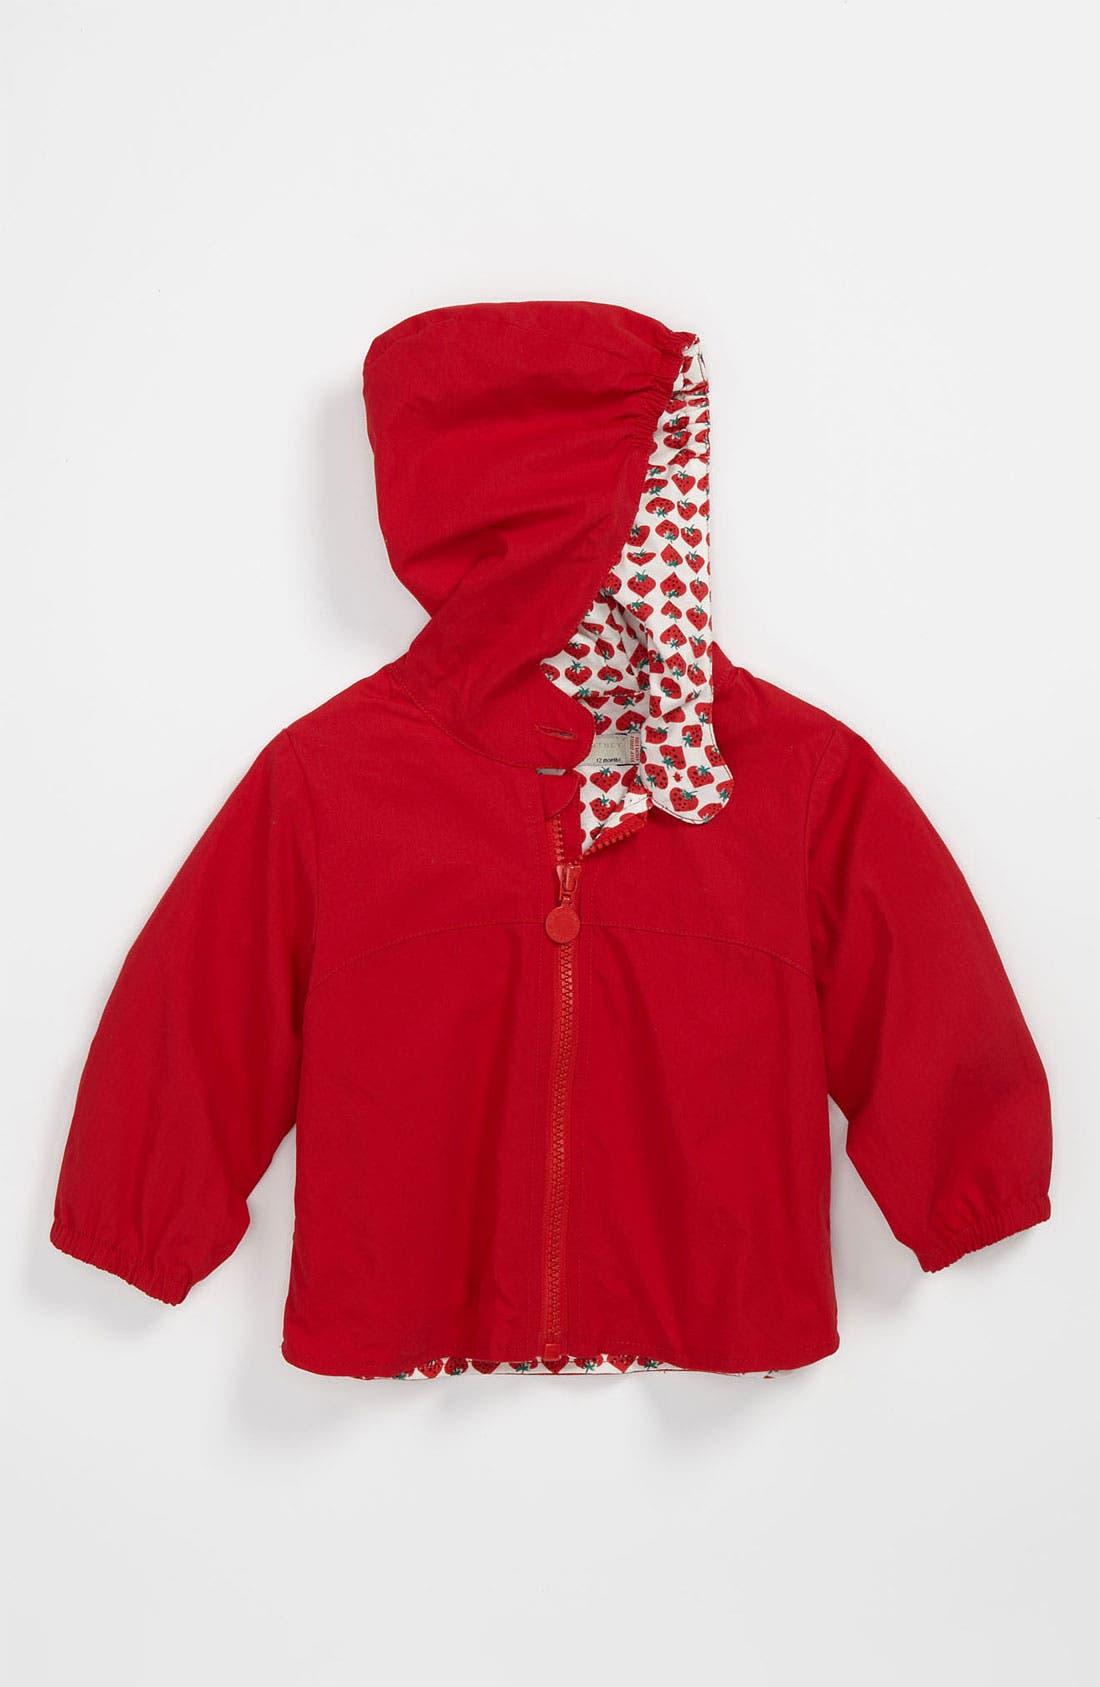 Main Image - Stella McCartney Kids 'Duckie' Raincoat (Baby)